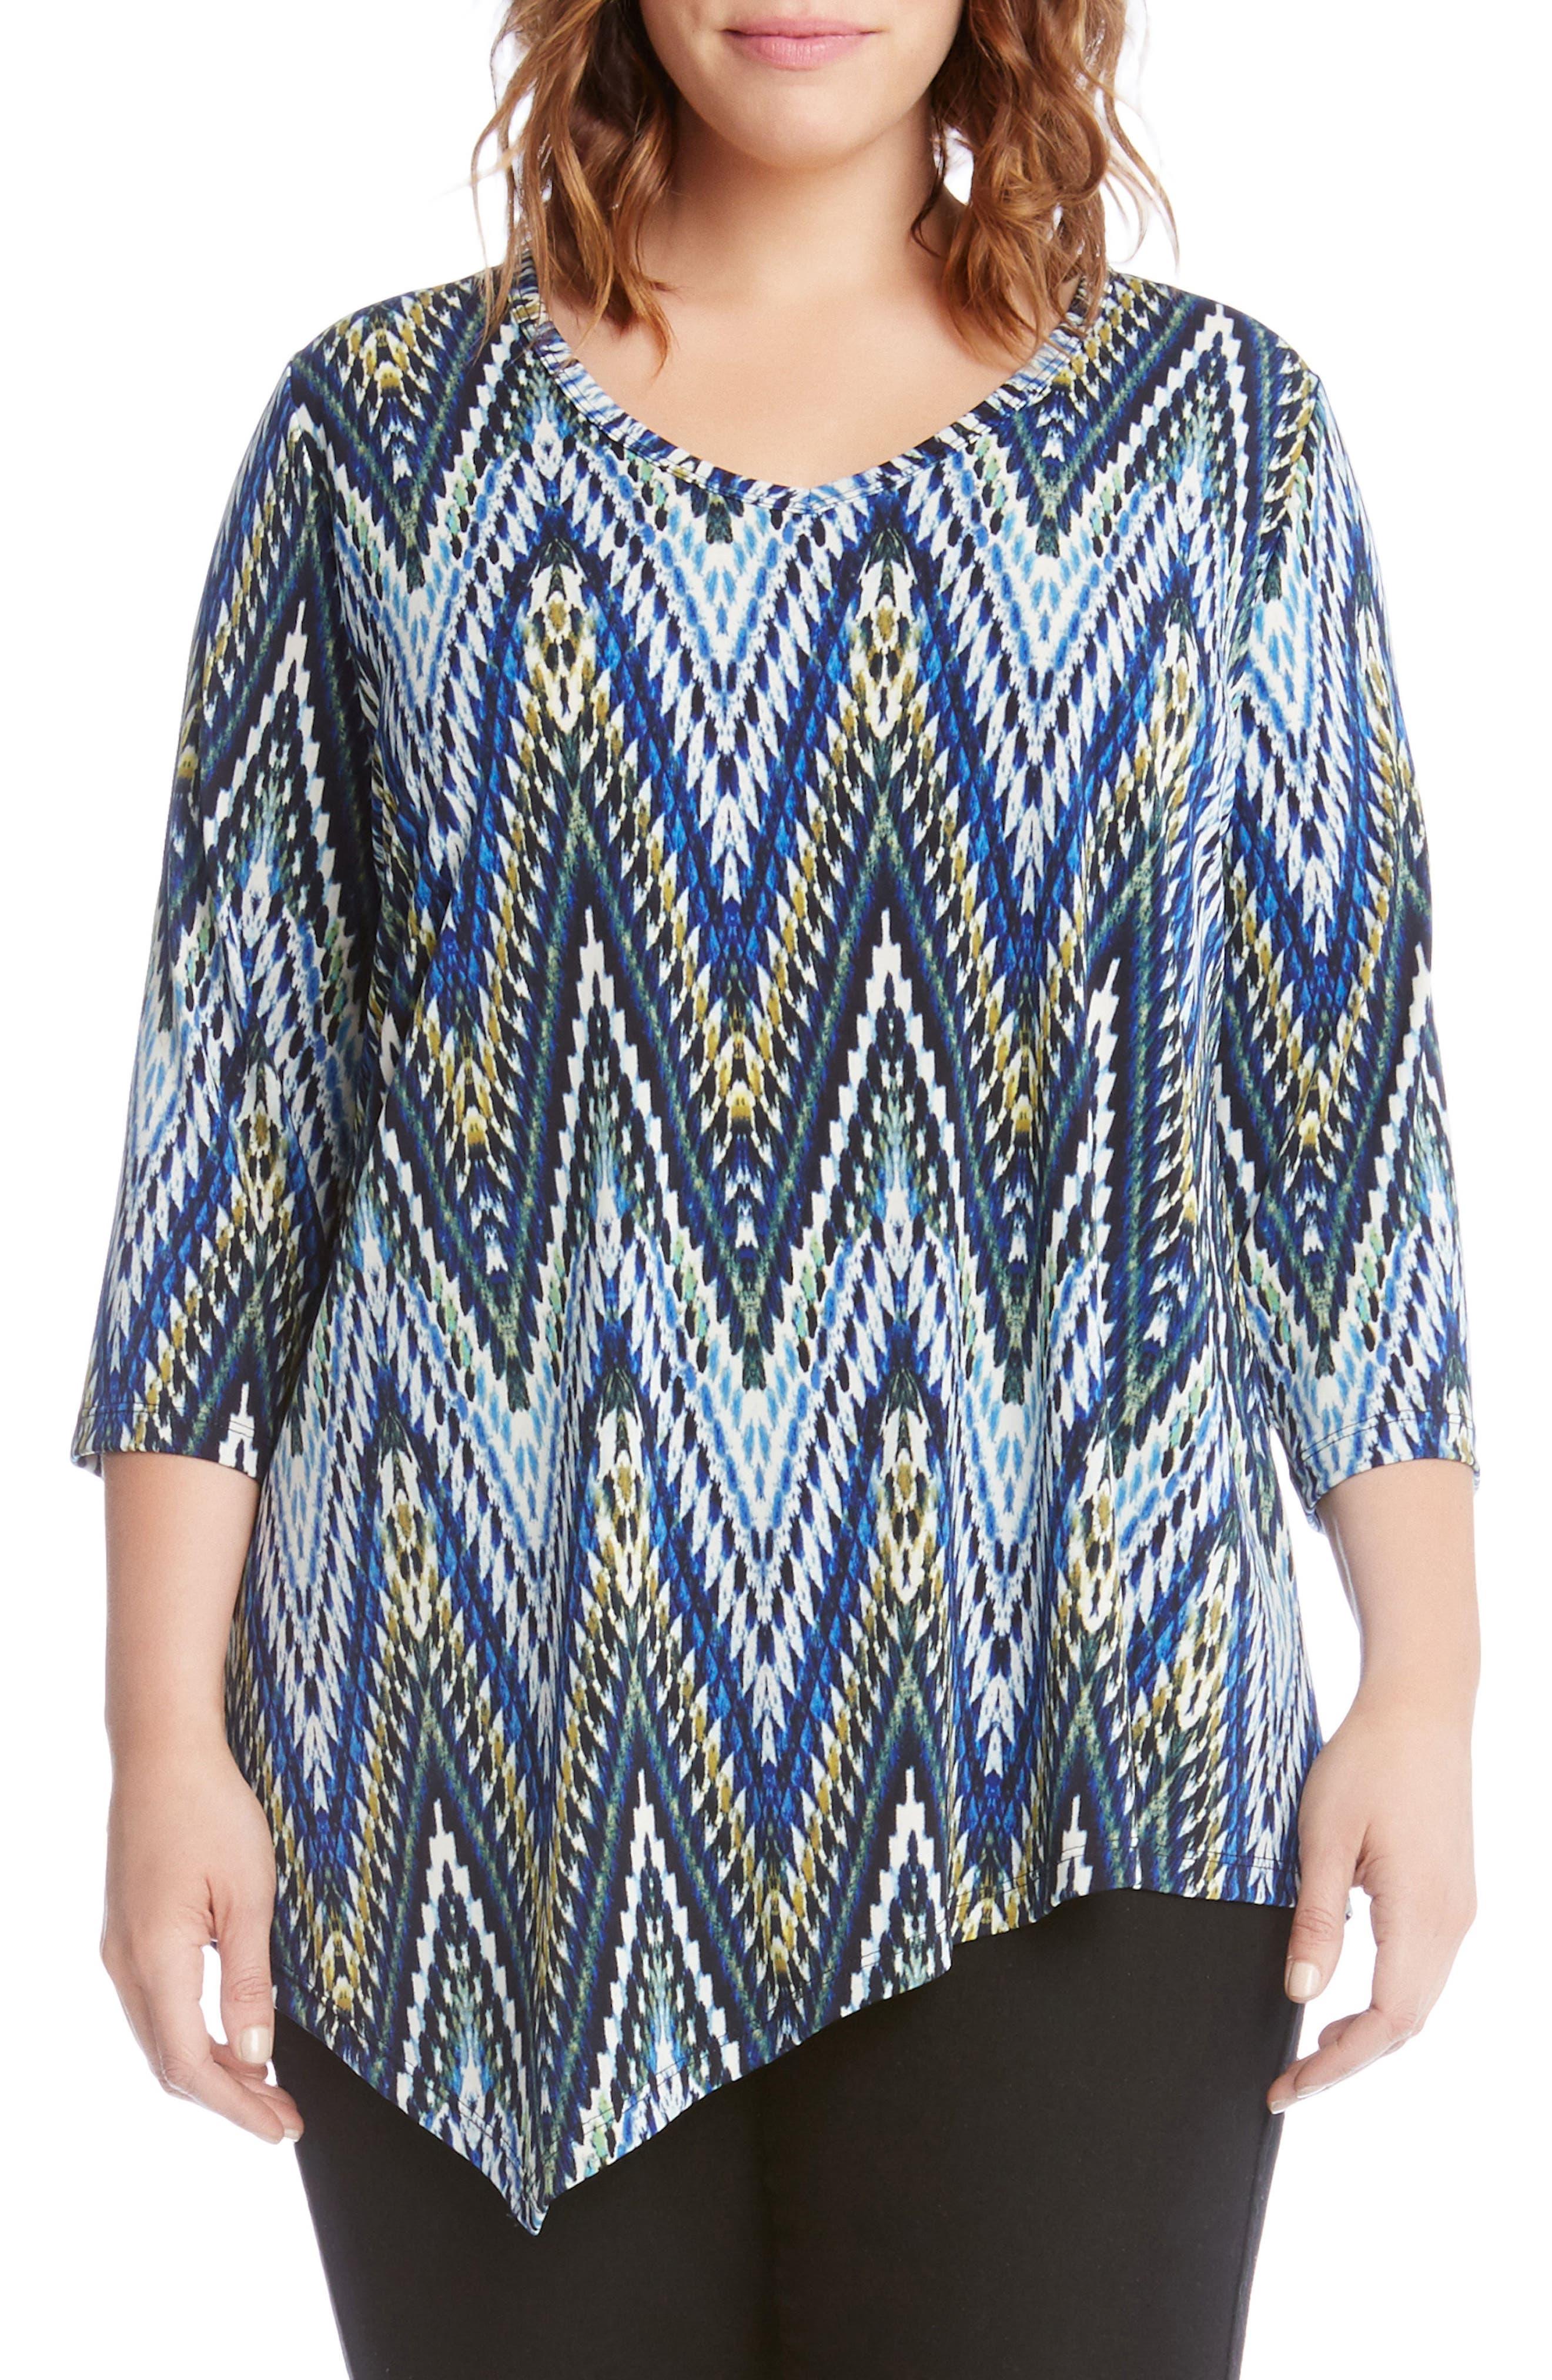 Alternate Image 1 Selected - Karen Kane Asymmetrical Hem Top (Plus Size)